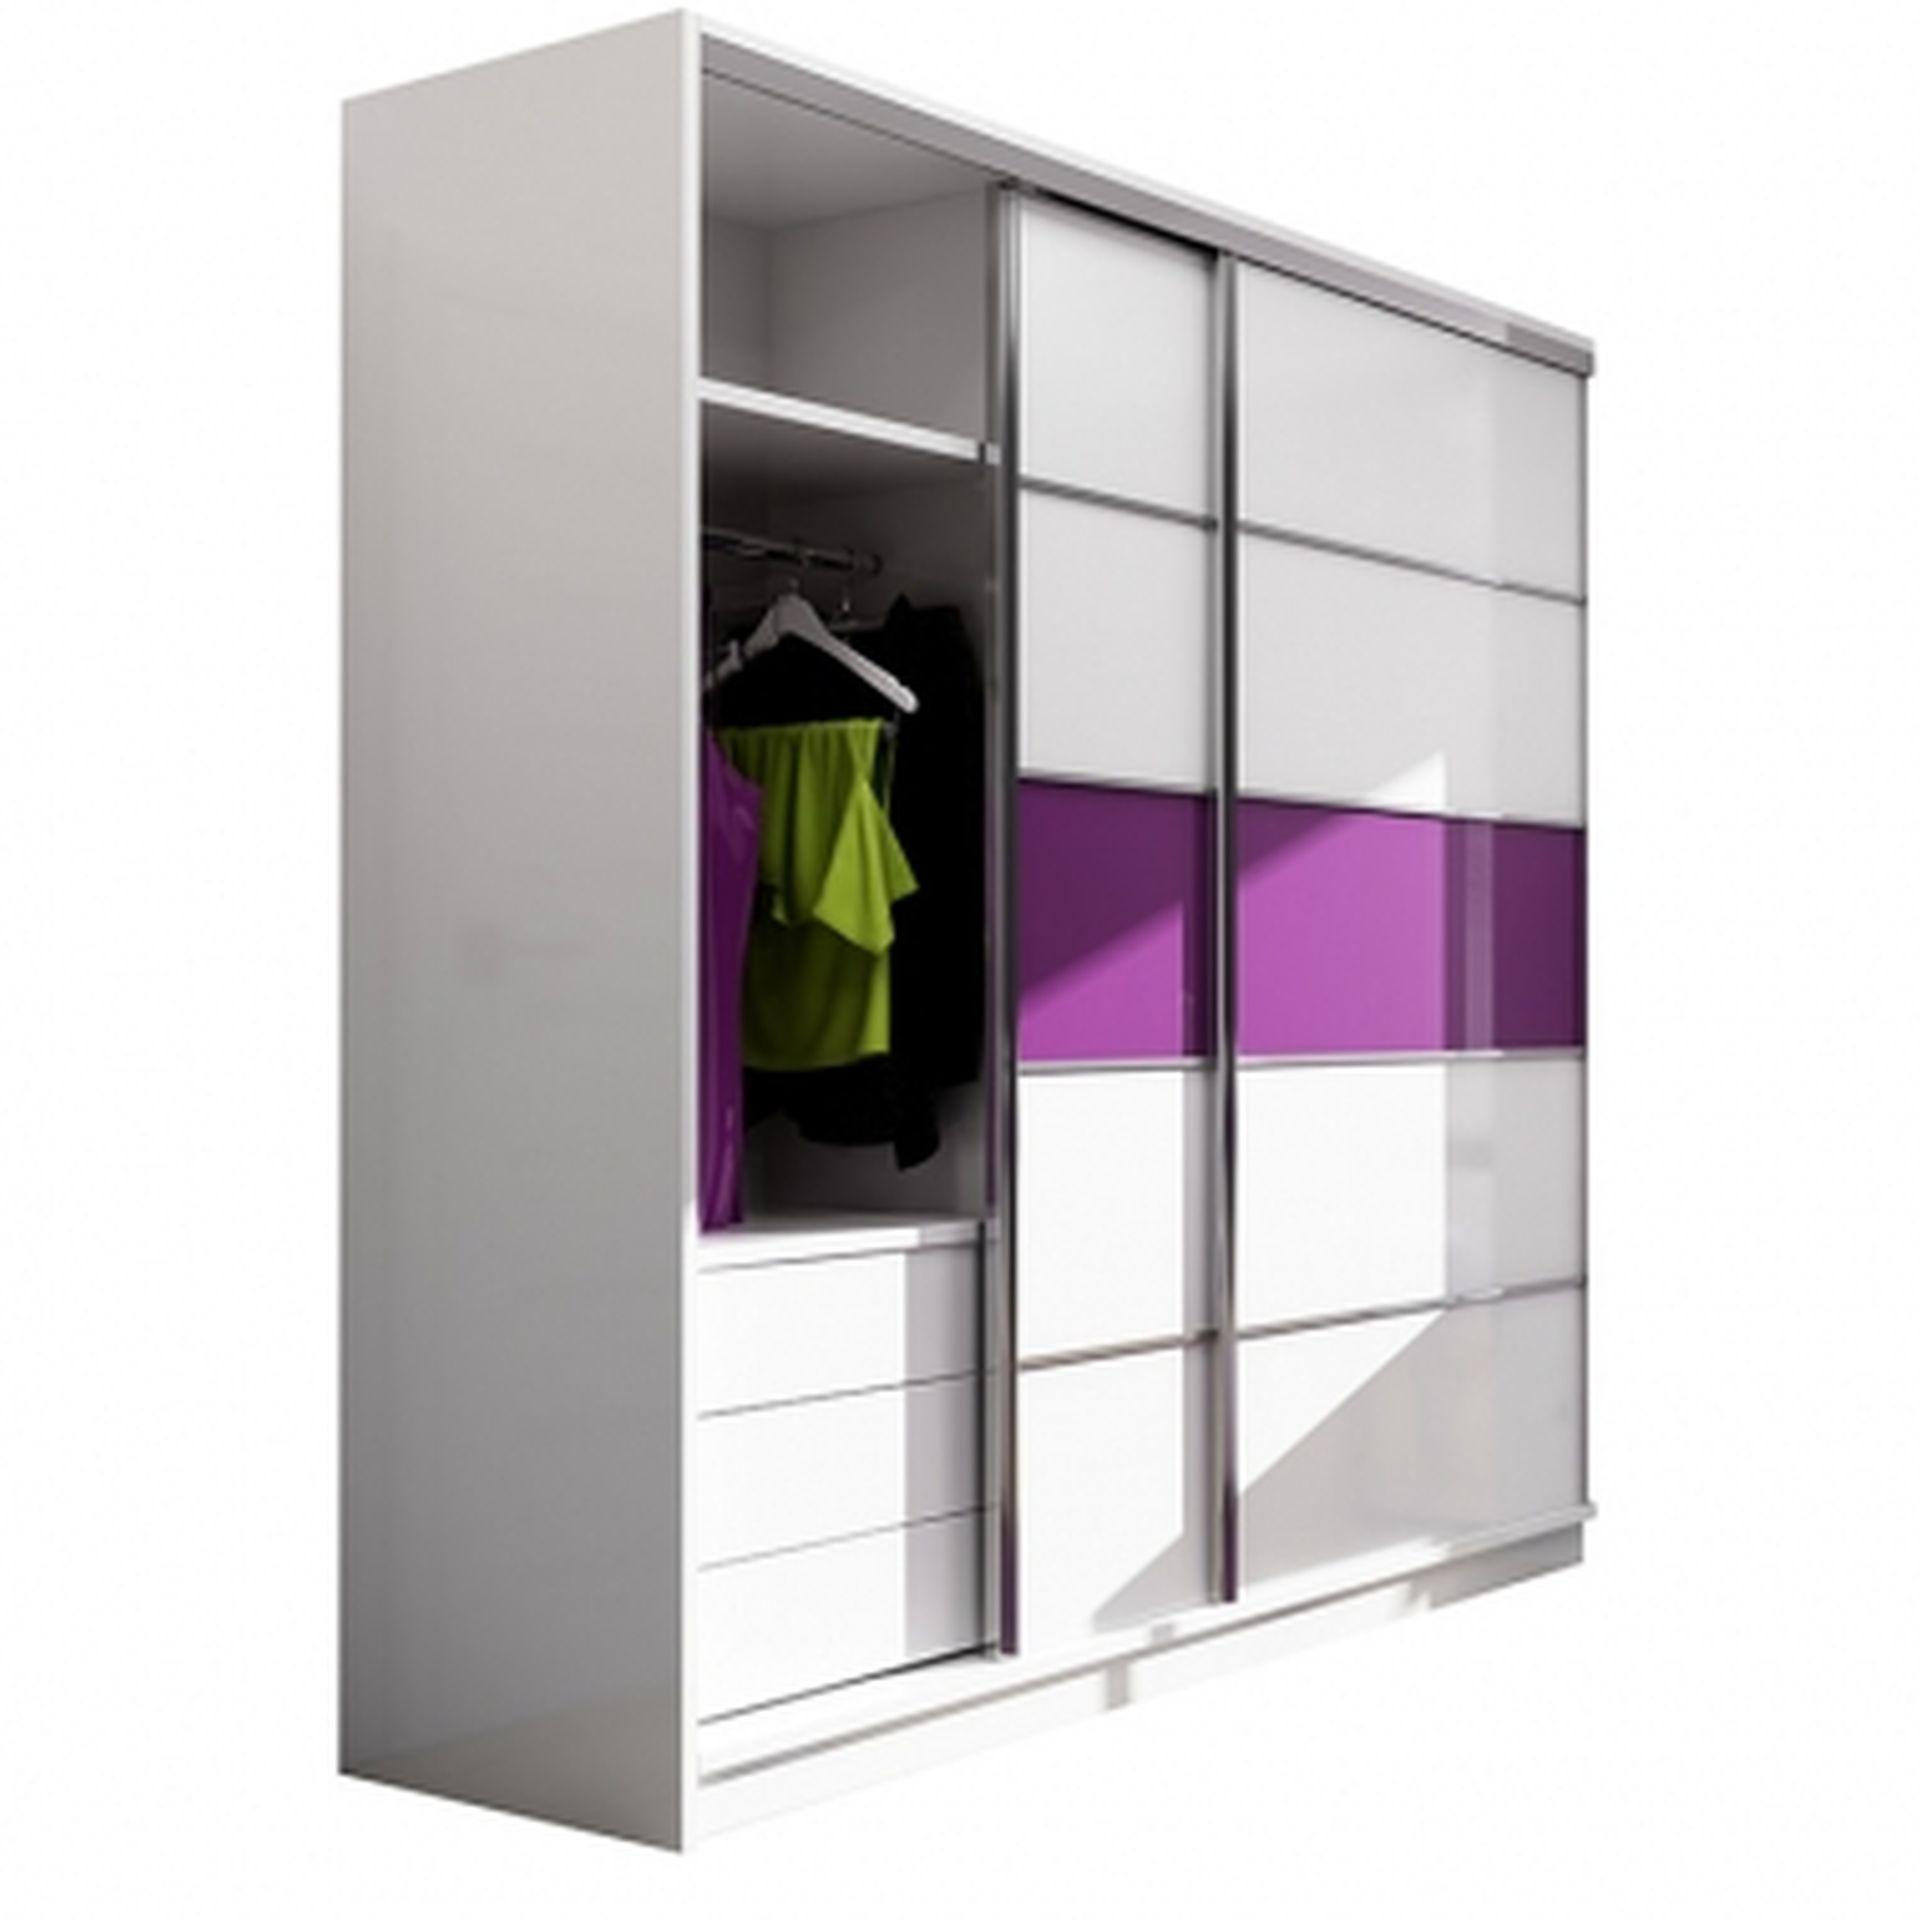 Schwebetürenschrank Dubai Weiß matt/ violettes Glas